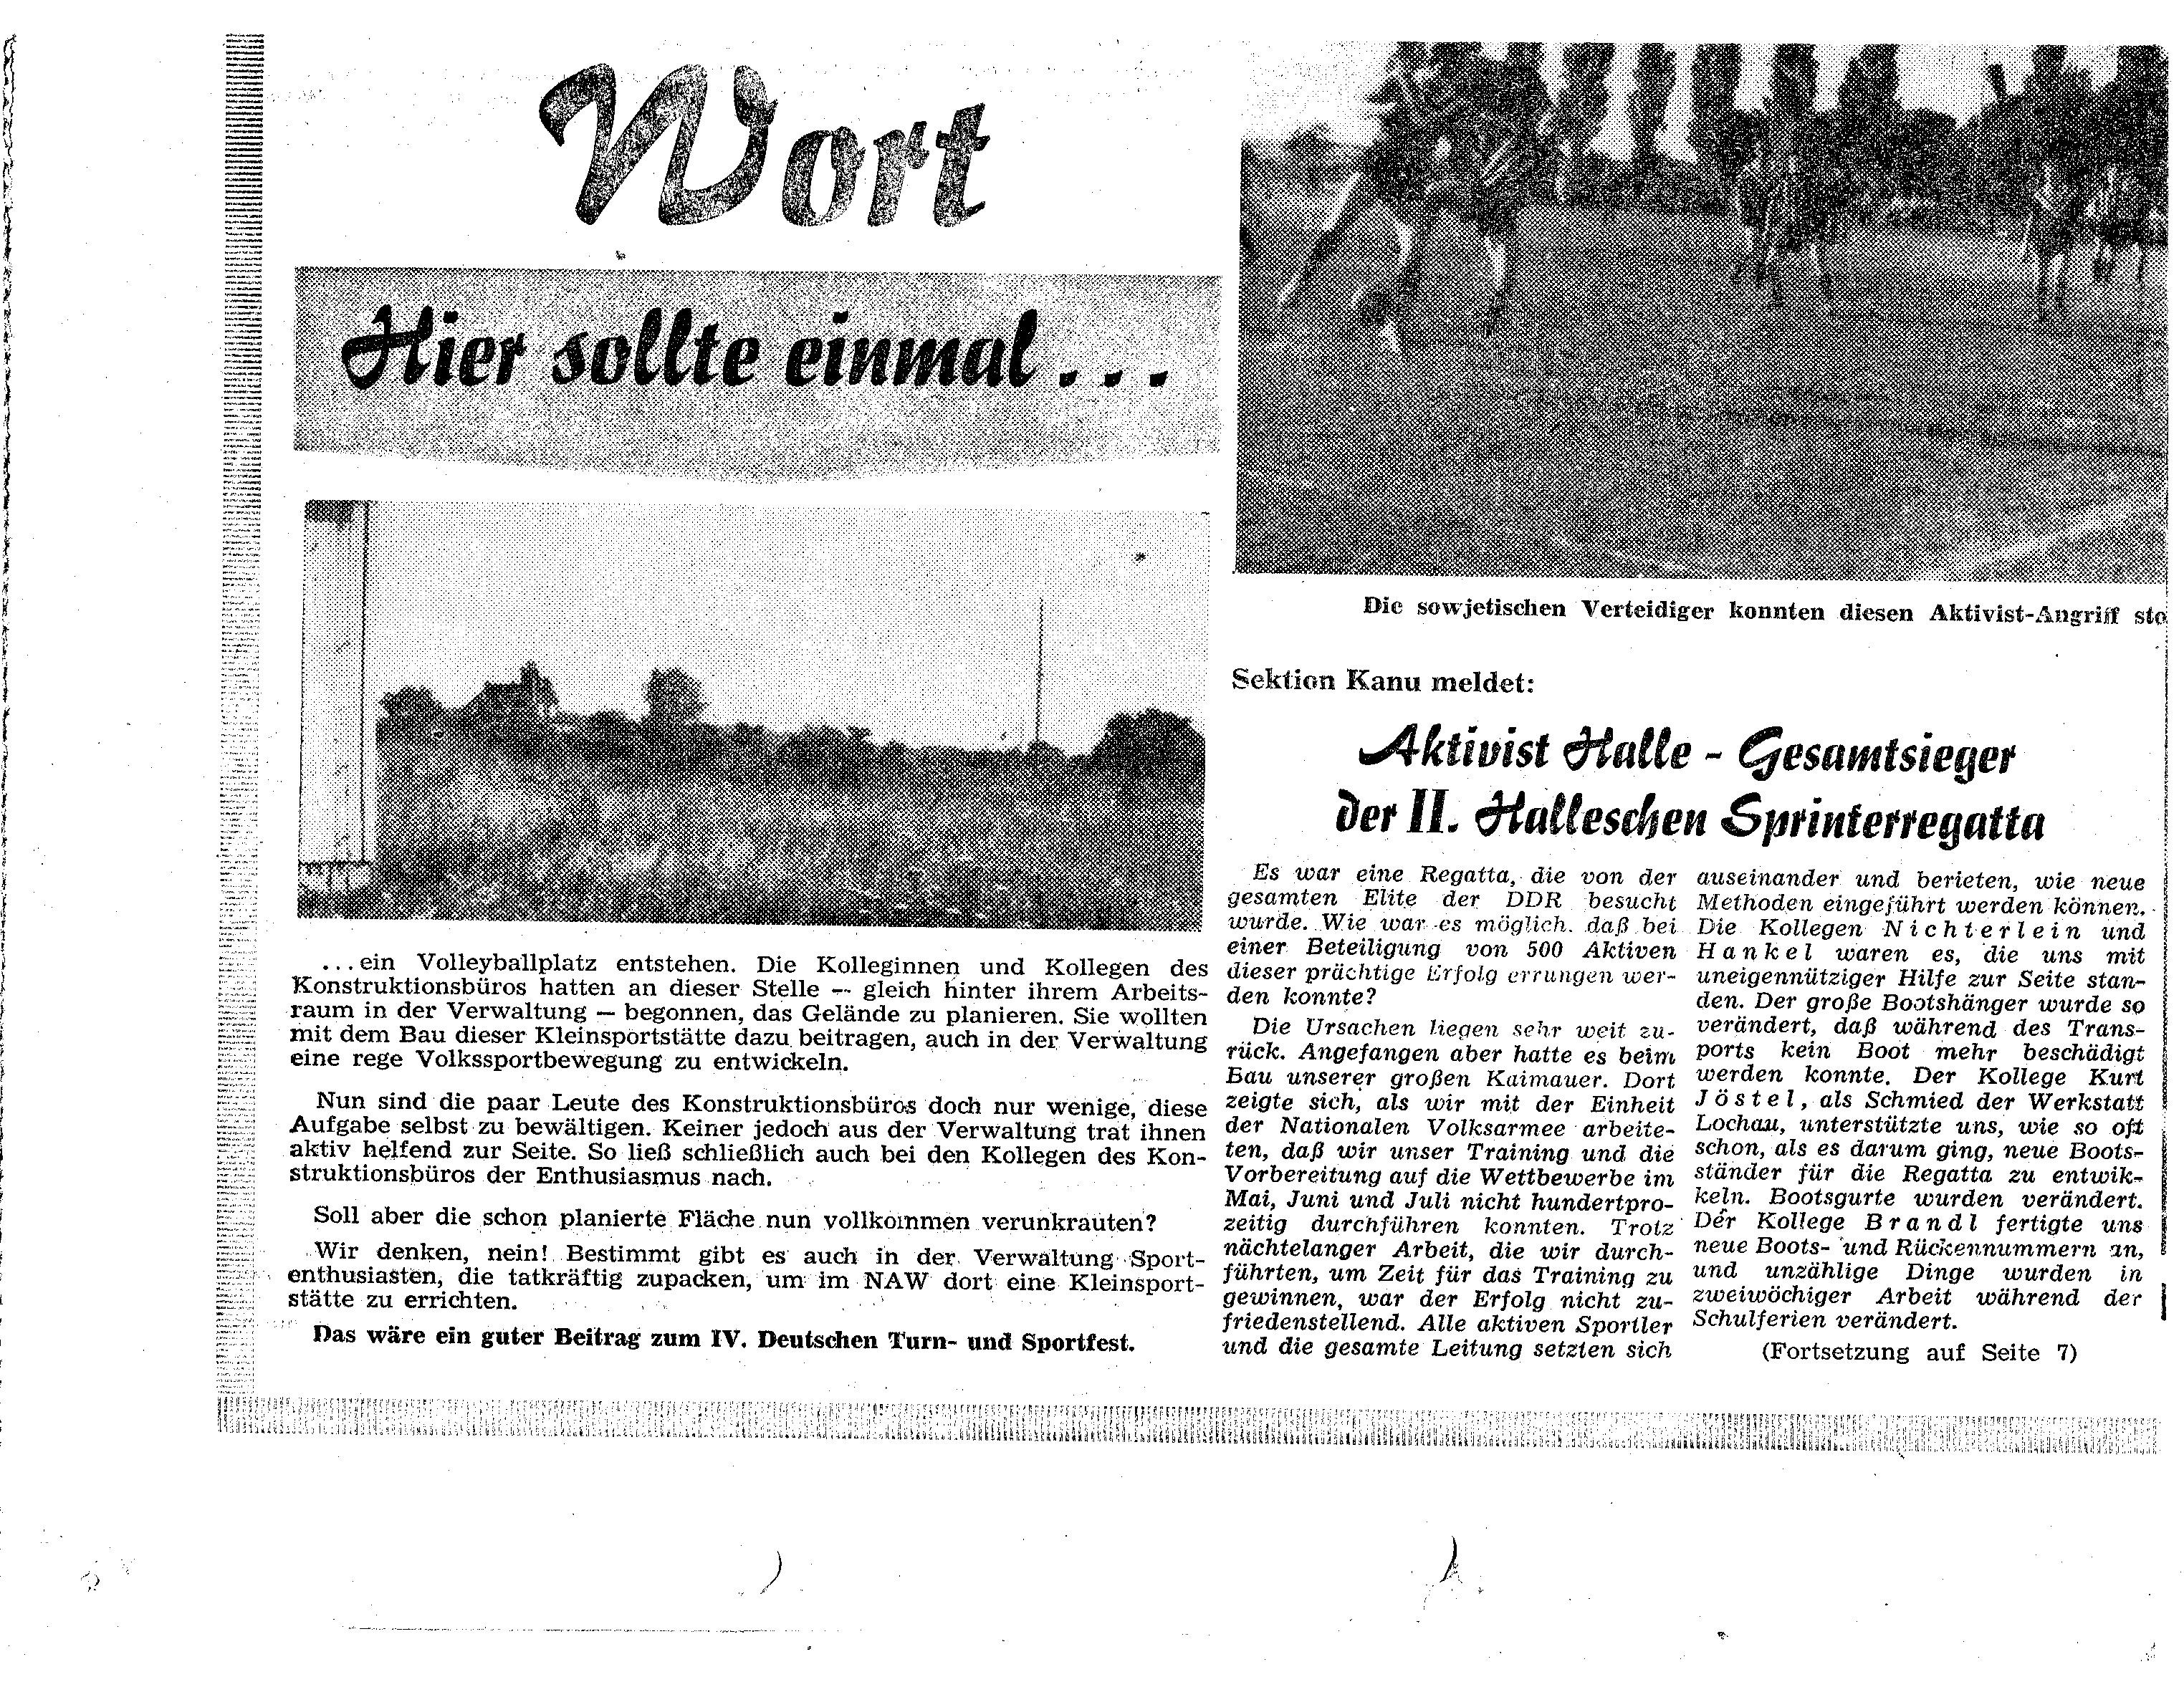 1962 ... Aktivist Halle - Gesamtsieger bei der 2 Halleschen Sprintregatta